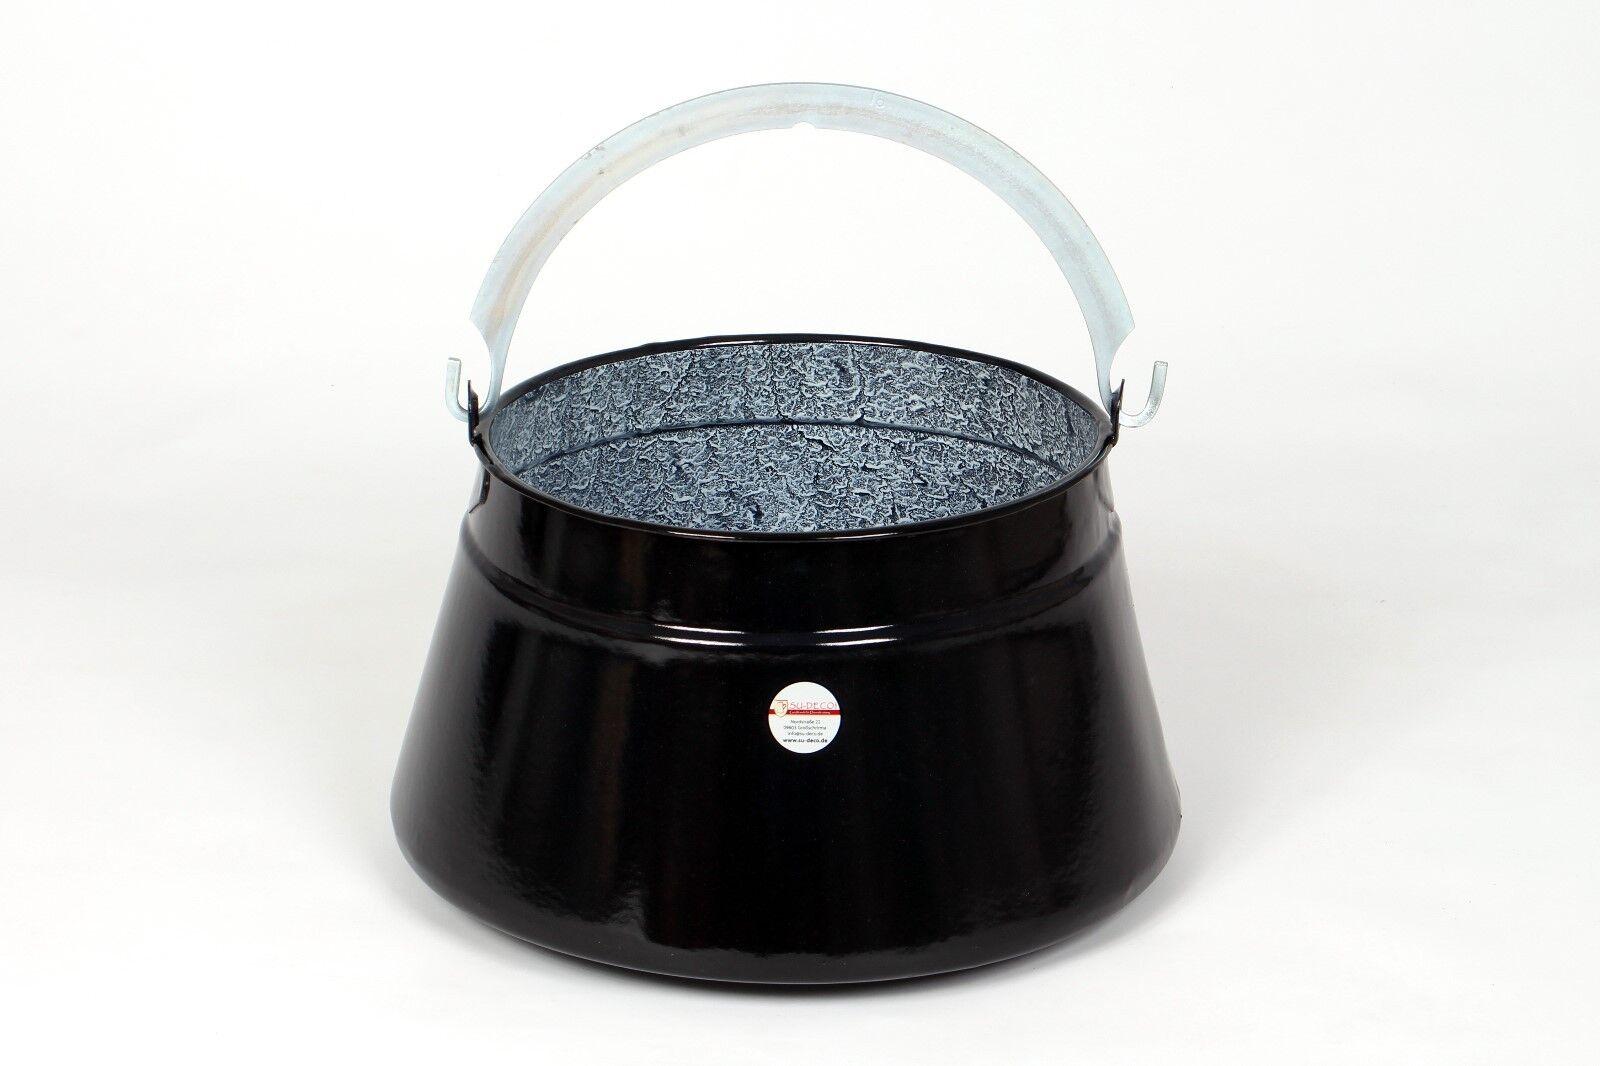 Gulaschkessel rustikal emailliert 30l schwarz granit (Fischkessel) (Fischkessel) (Fischkessel) 67fba4